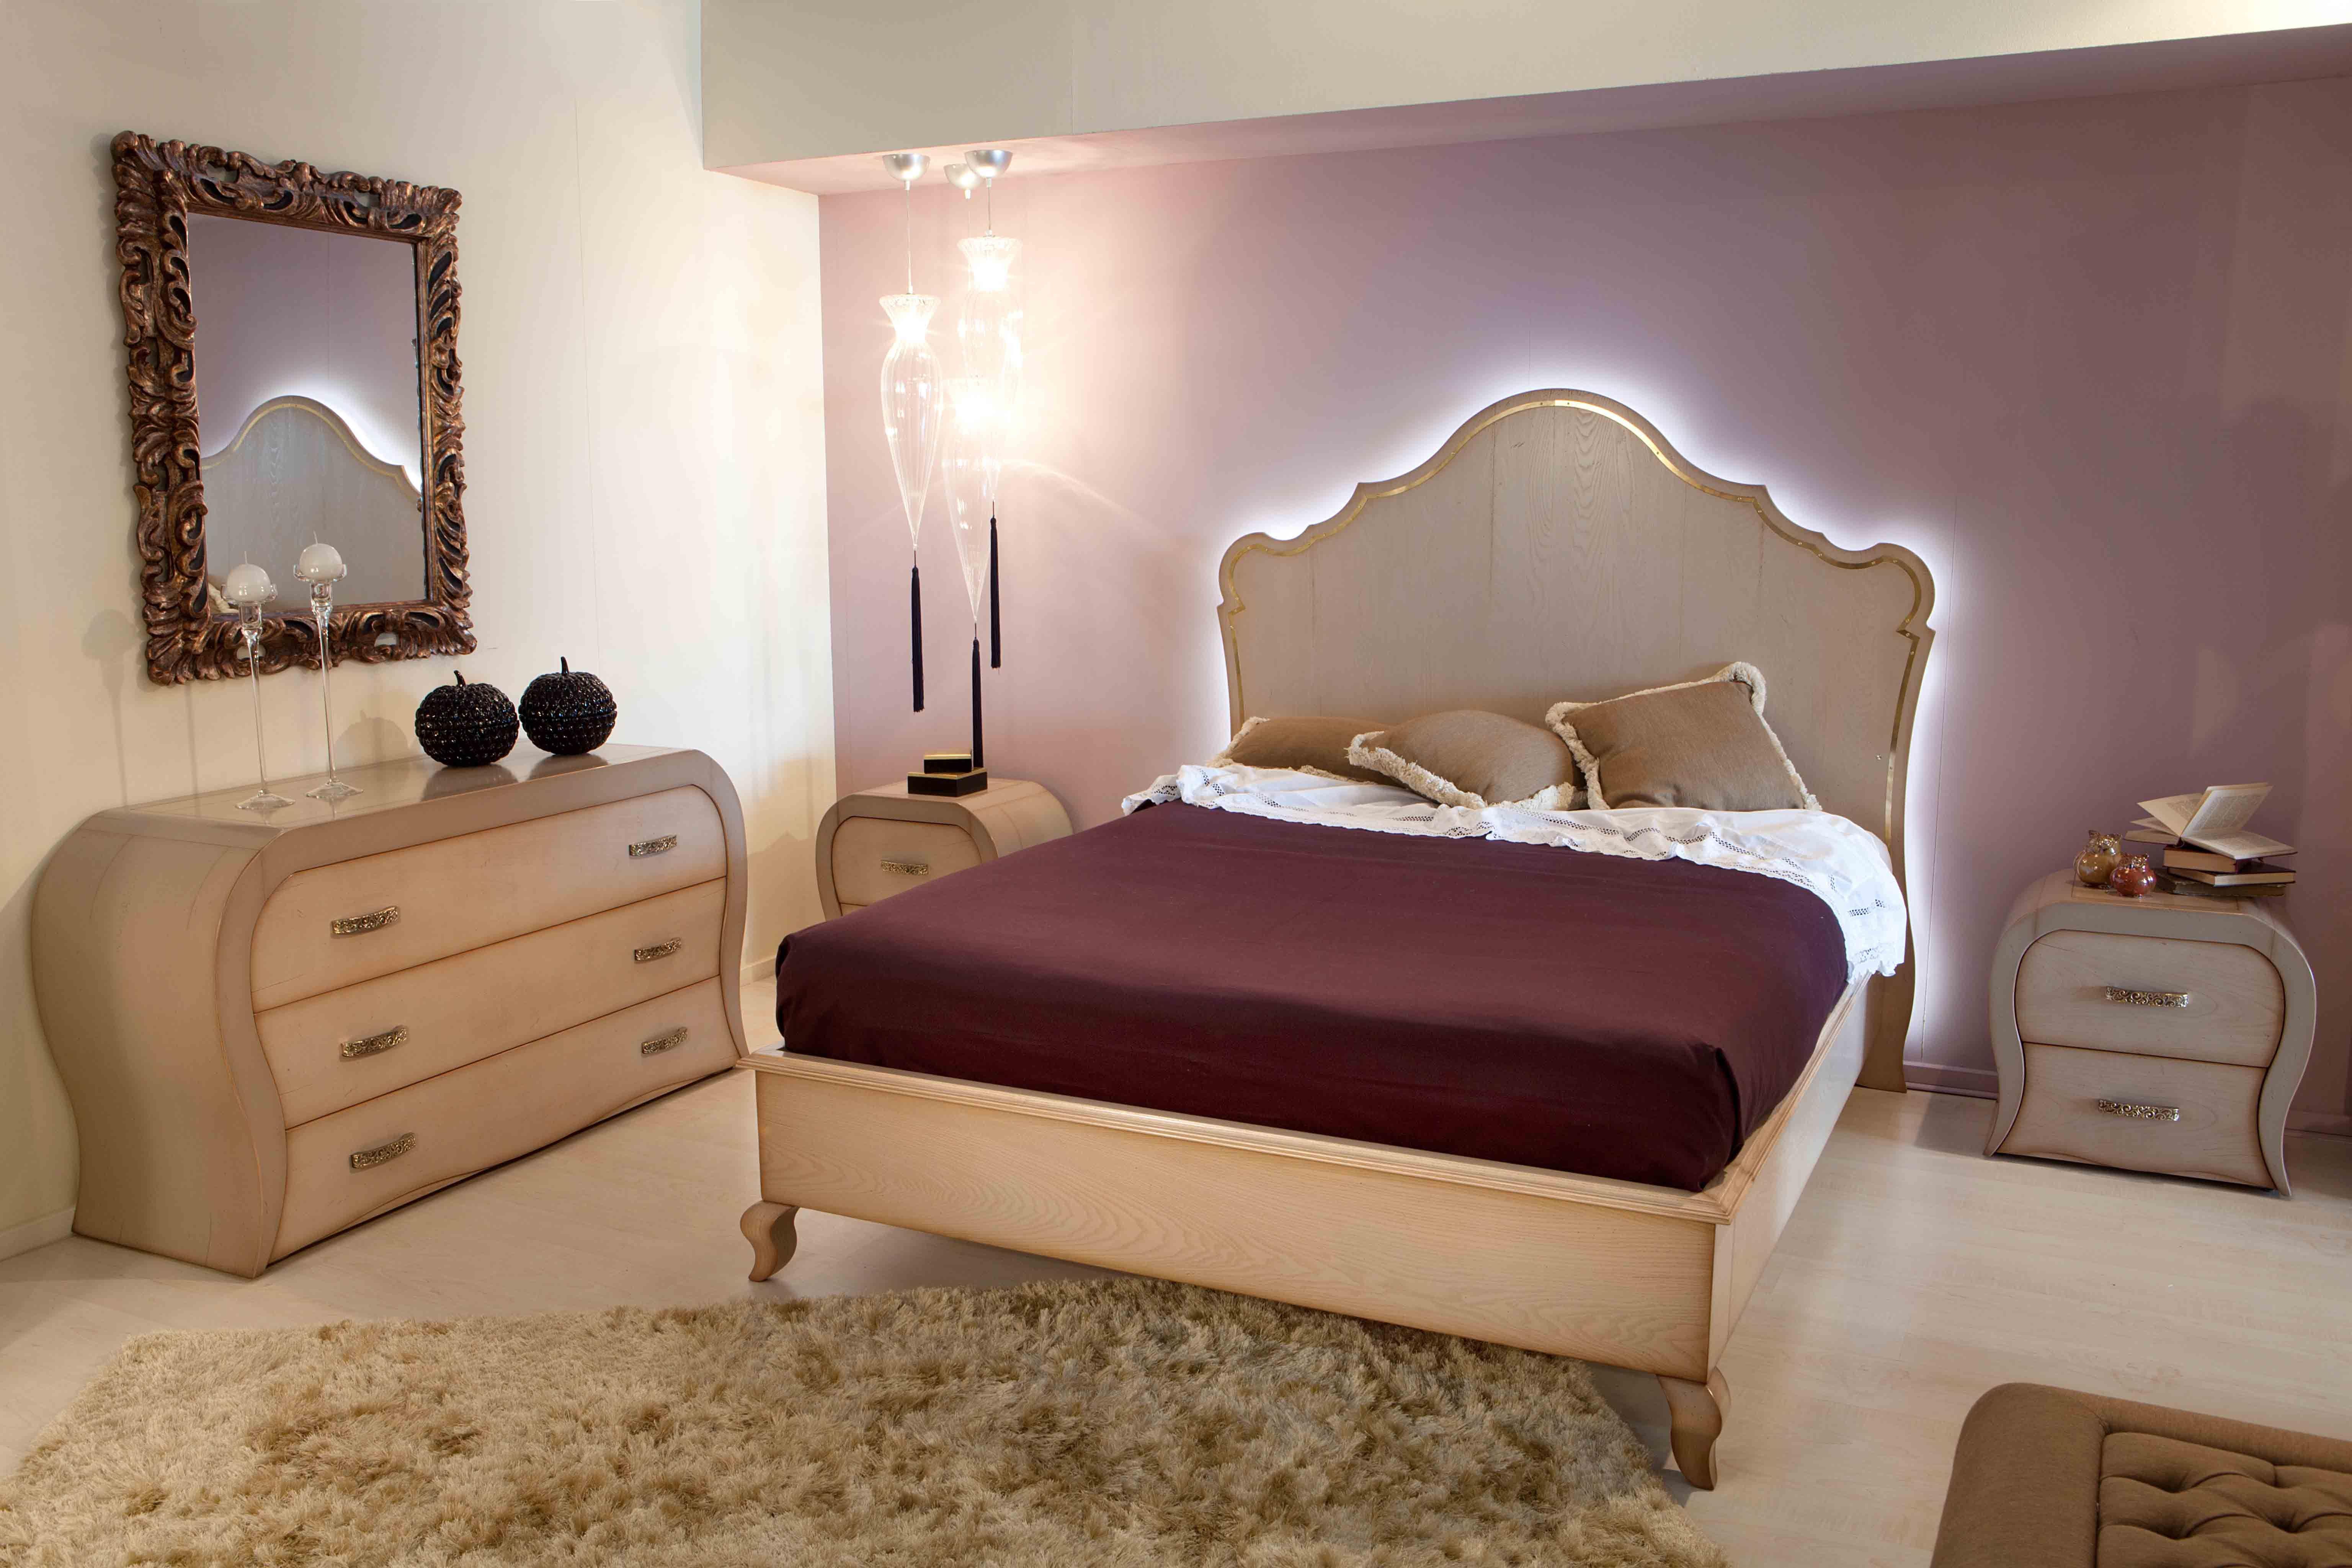 camera da letto con diffusore luce led | mobilificio rbr ebanisteria ...